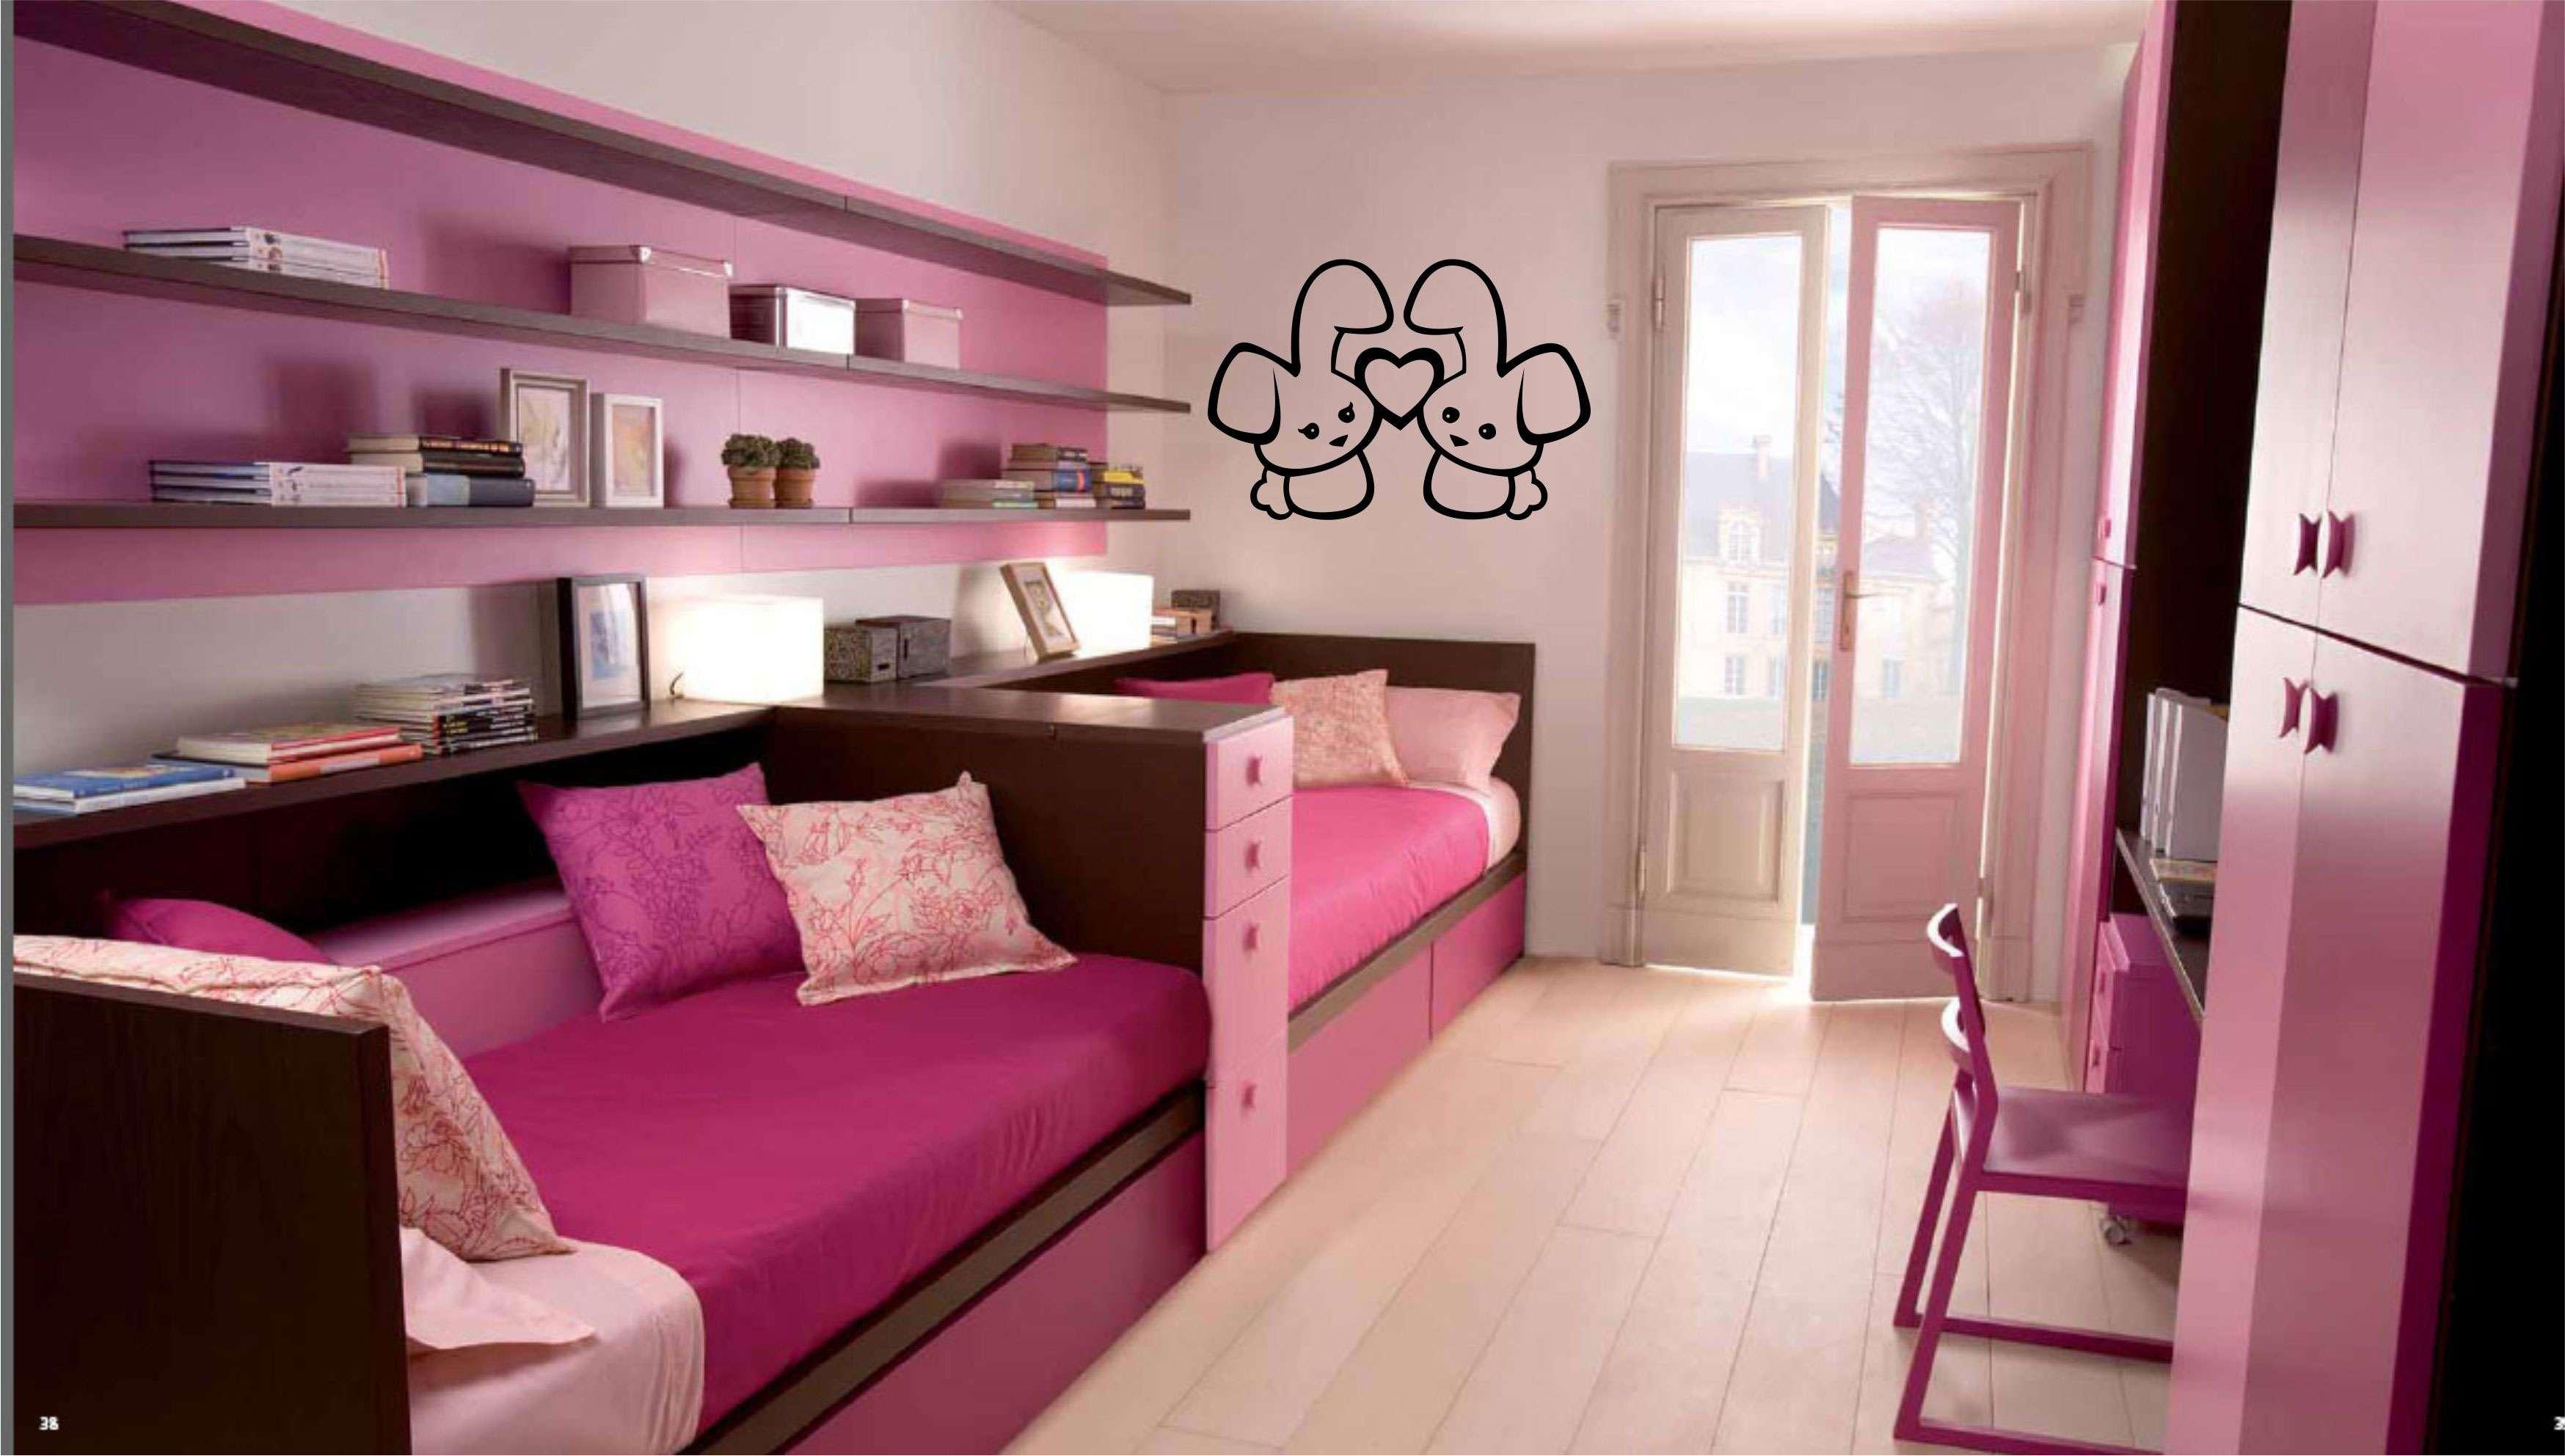 спальня для девочки подростка 15 лет фото дизайн интерьер